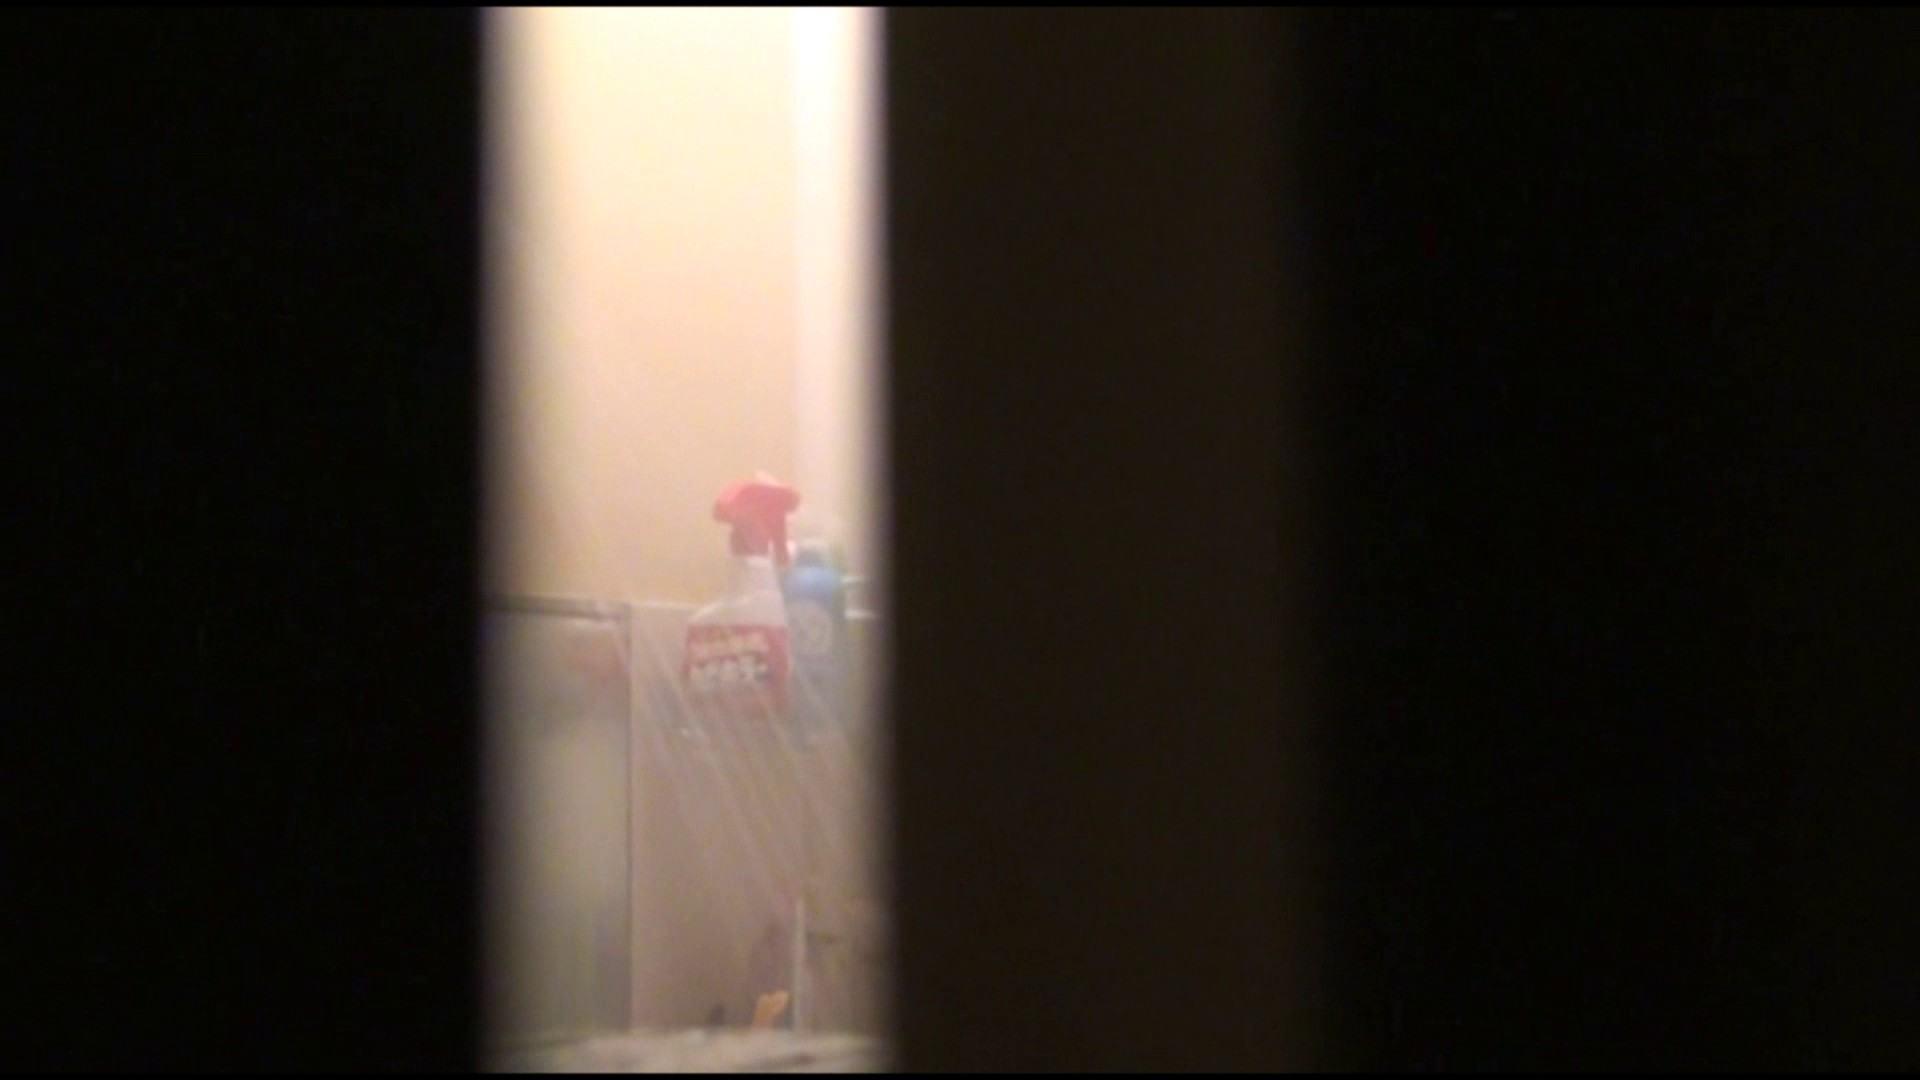 vol.08最高のパイラインを流れるシャワーの水が極上嬢をさらに引き立てます! 覗き おめこ無修正動画無料 78画像 55